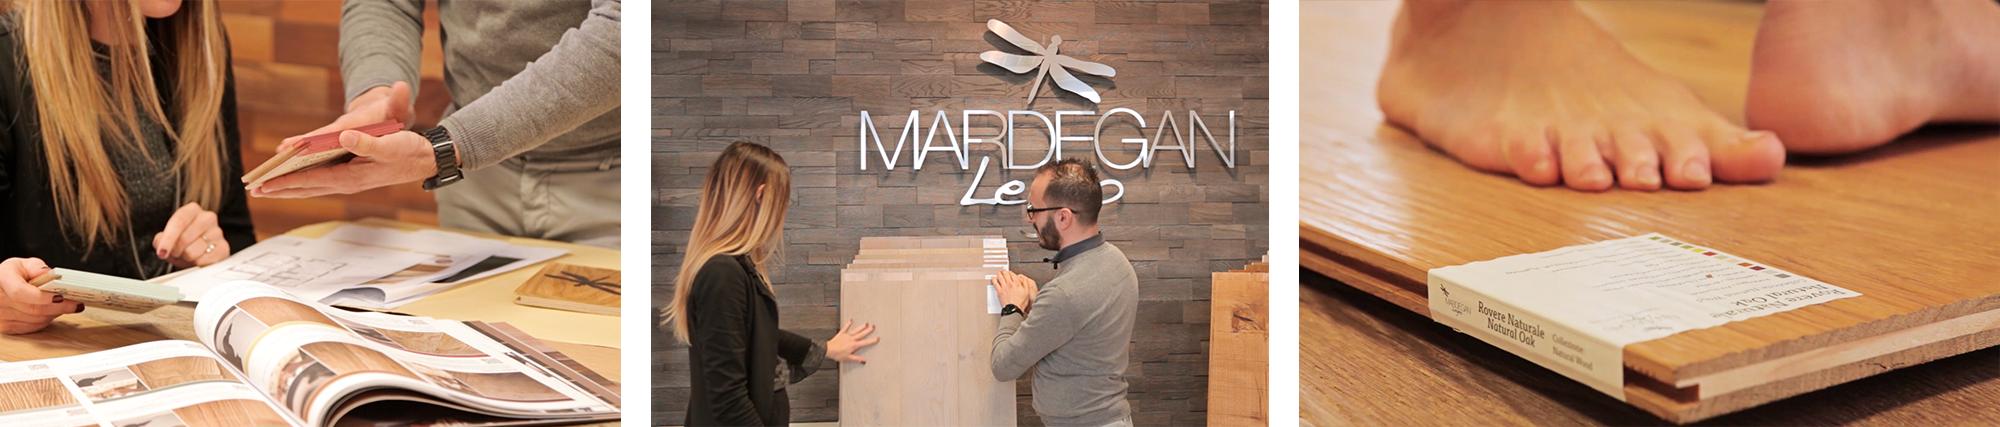 Progettazione degli strumenti per la vendita dei prodotti nello showroom monomarca Mardegan Legno